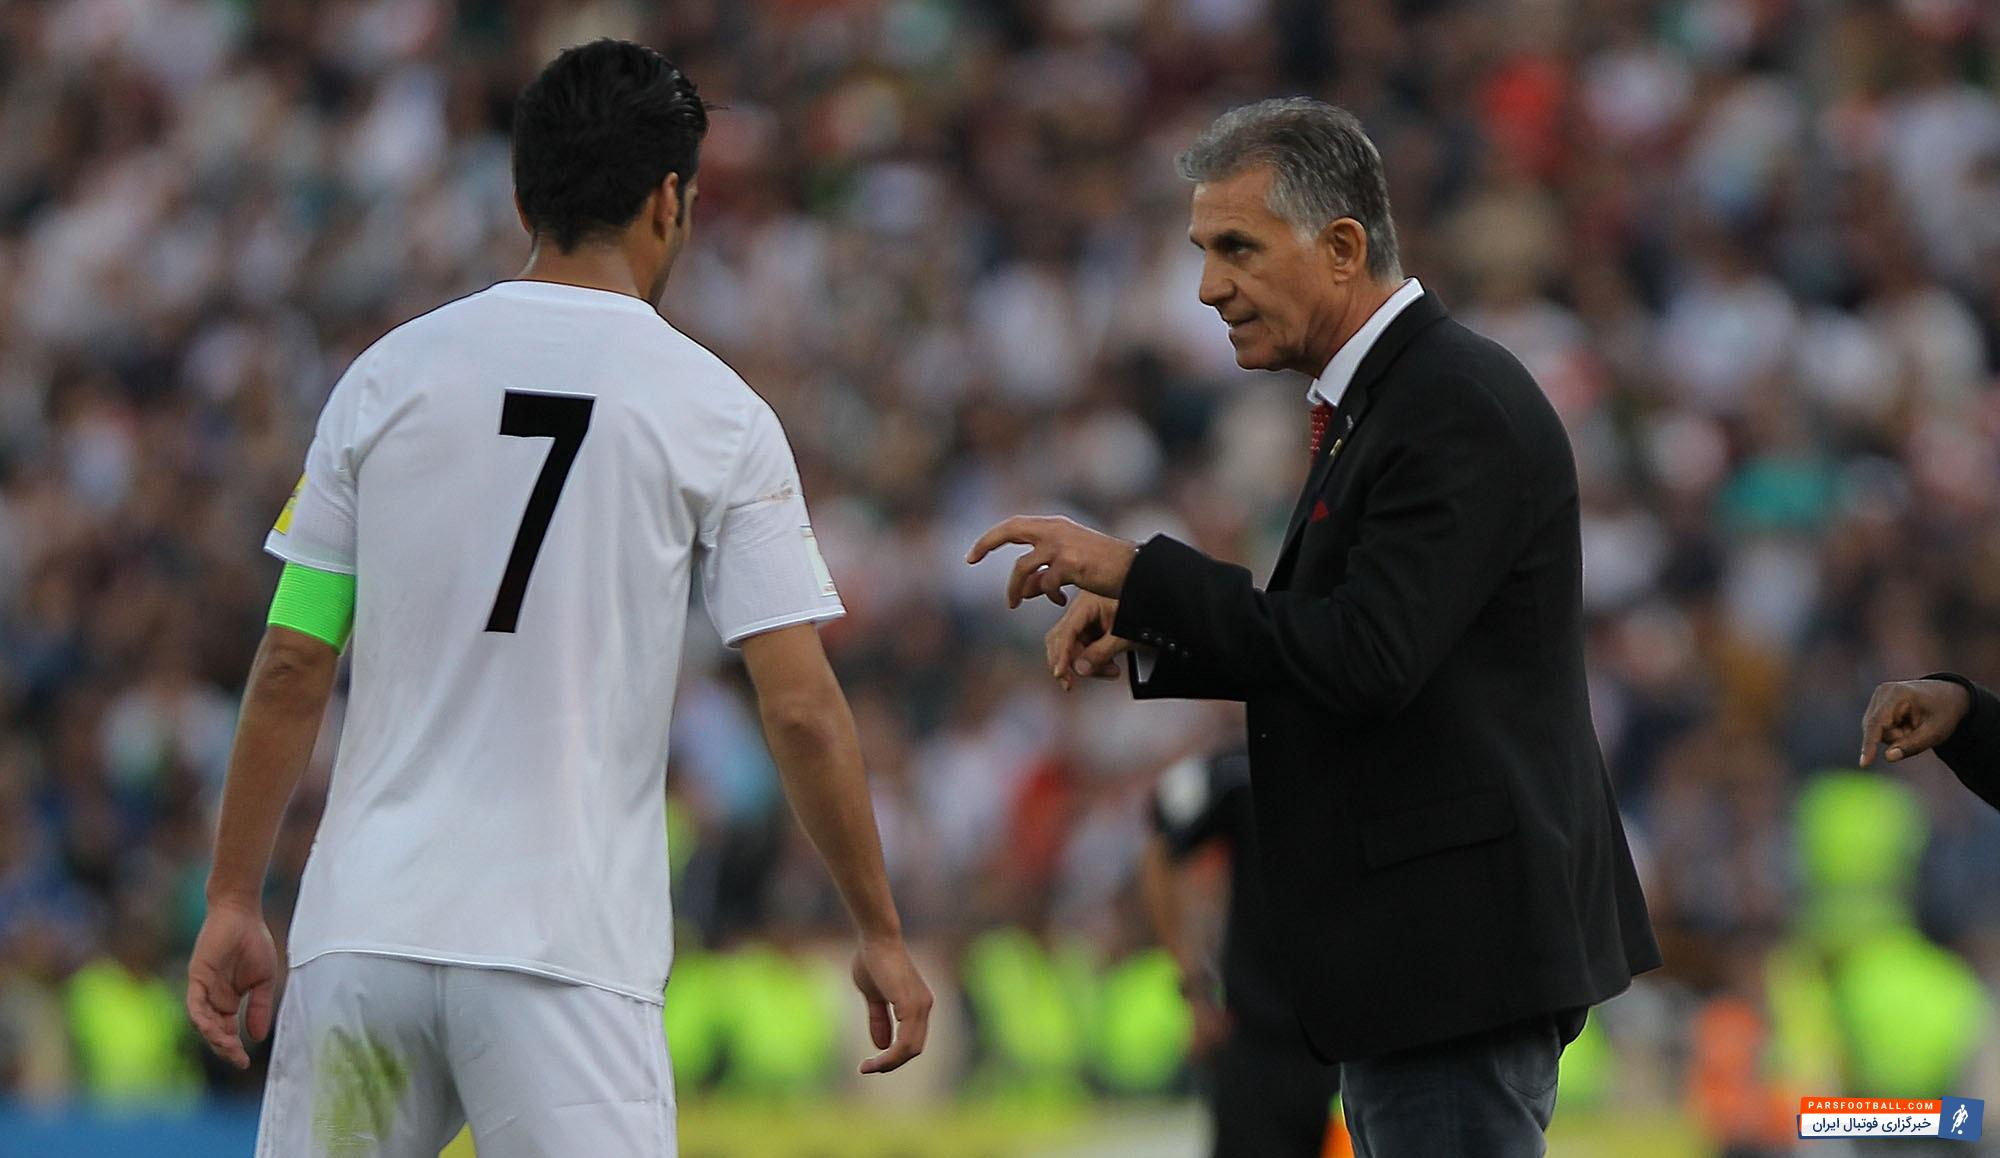 کی روش: بازی با پرتغال ربطی به وطن پرستی و ملی گرایی ندارد ؛ پارس فوتبال